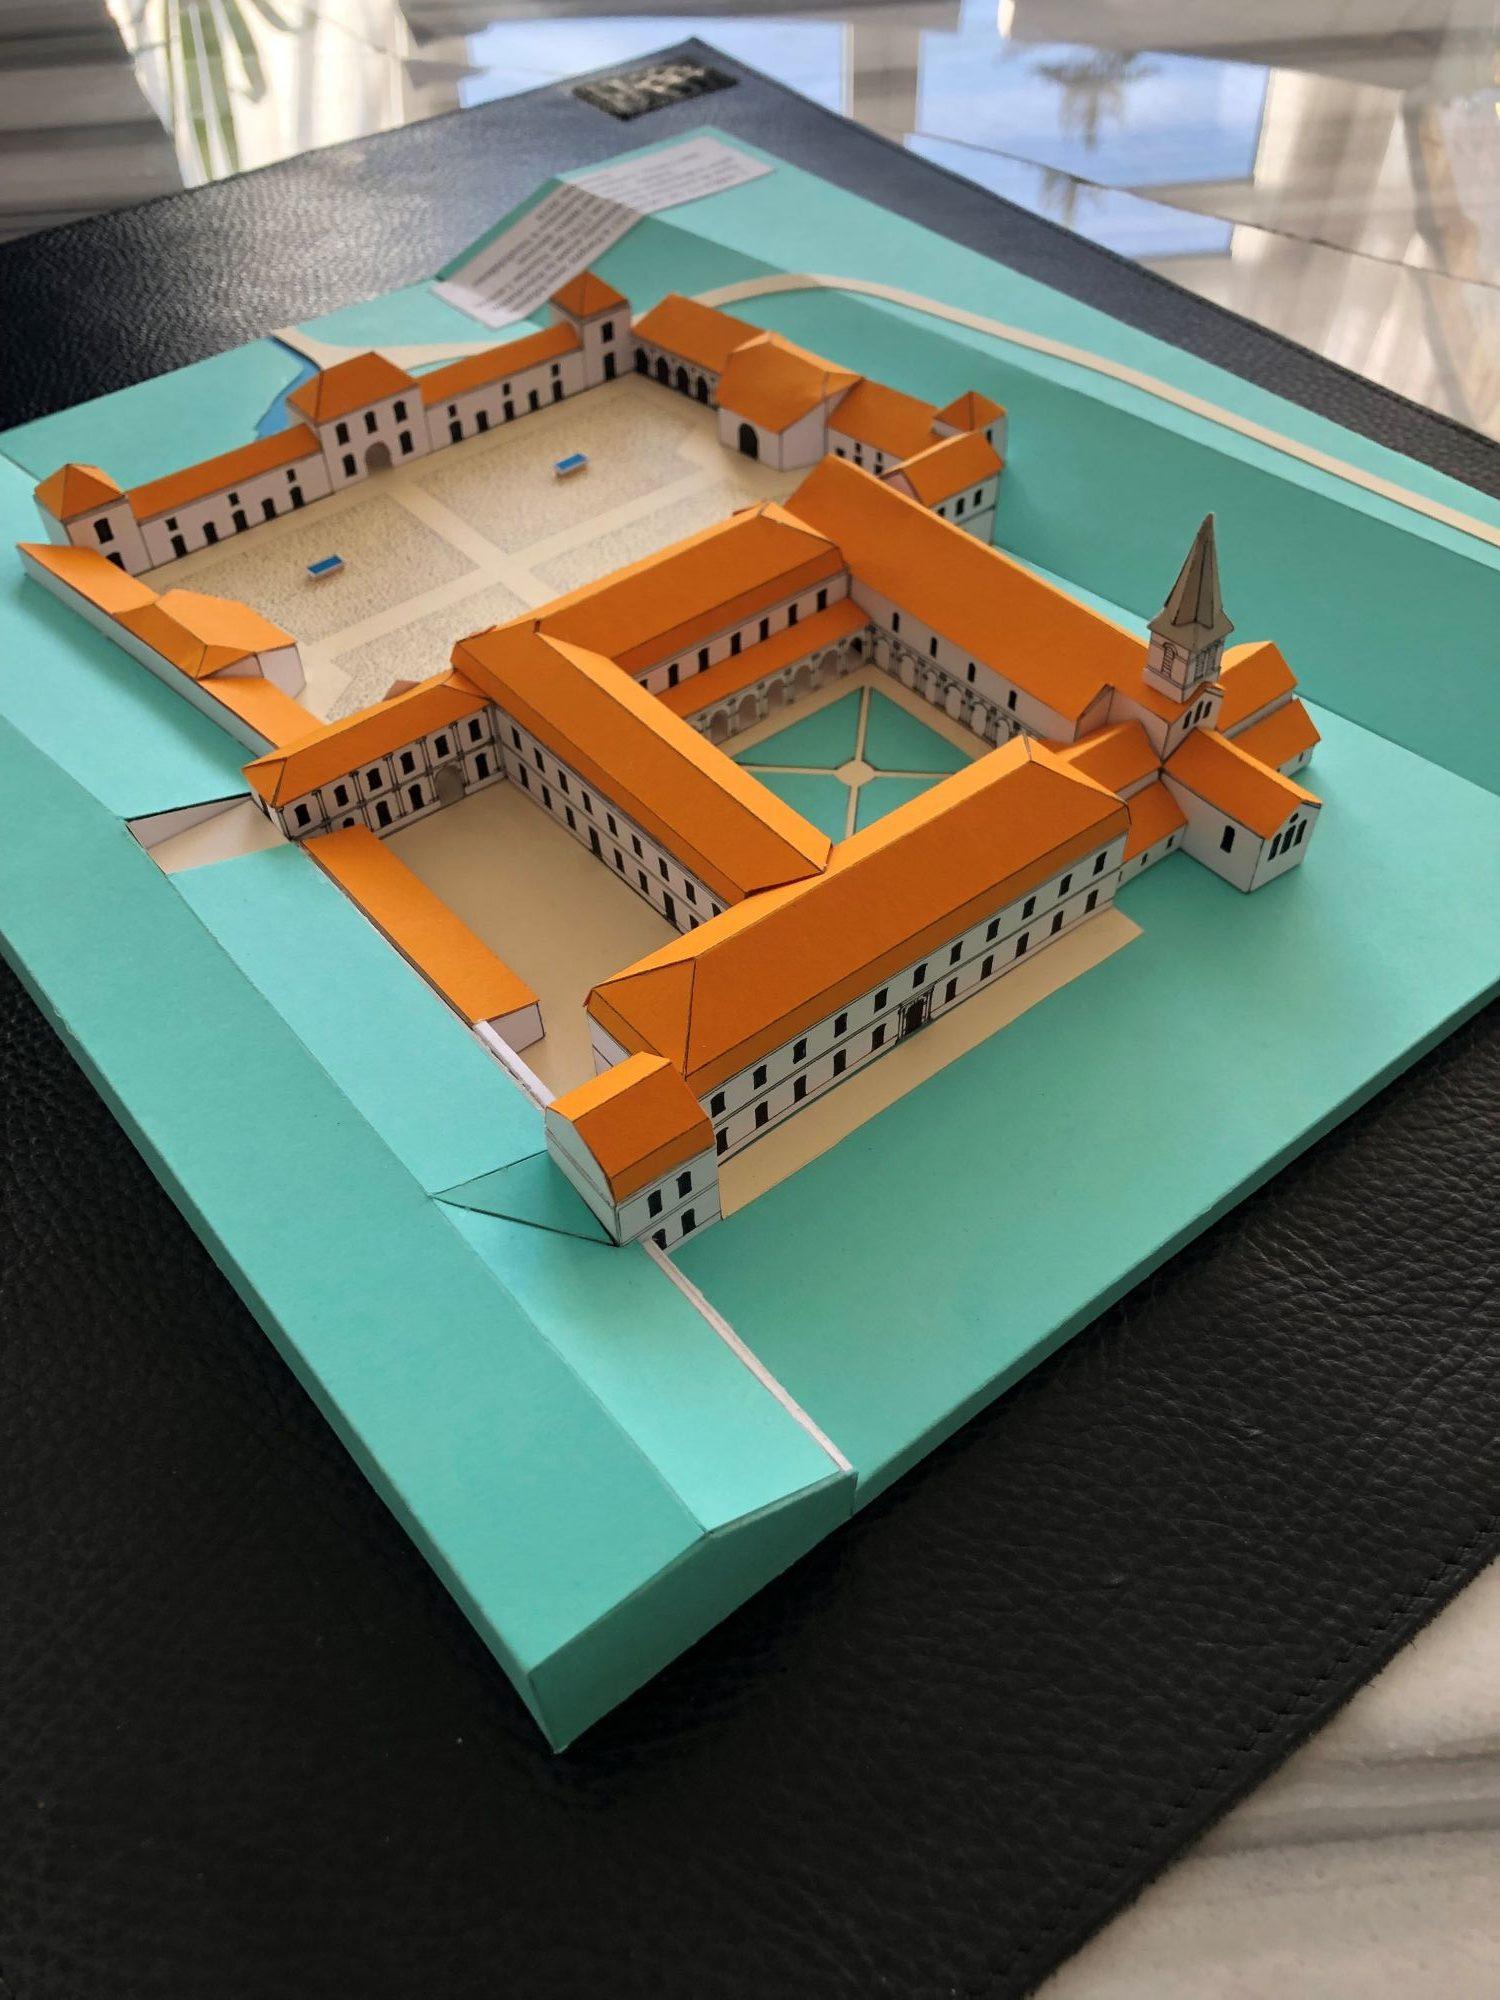 savoir-faire_maquette_monument_manufacture